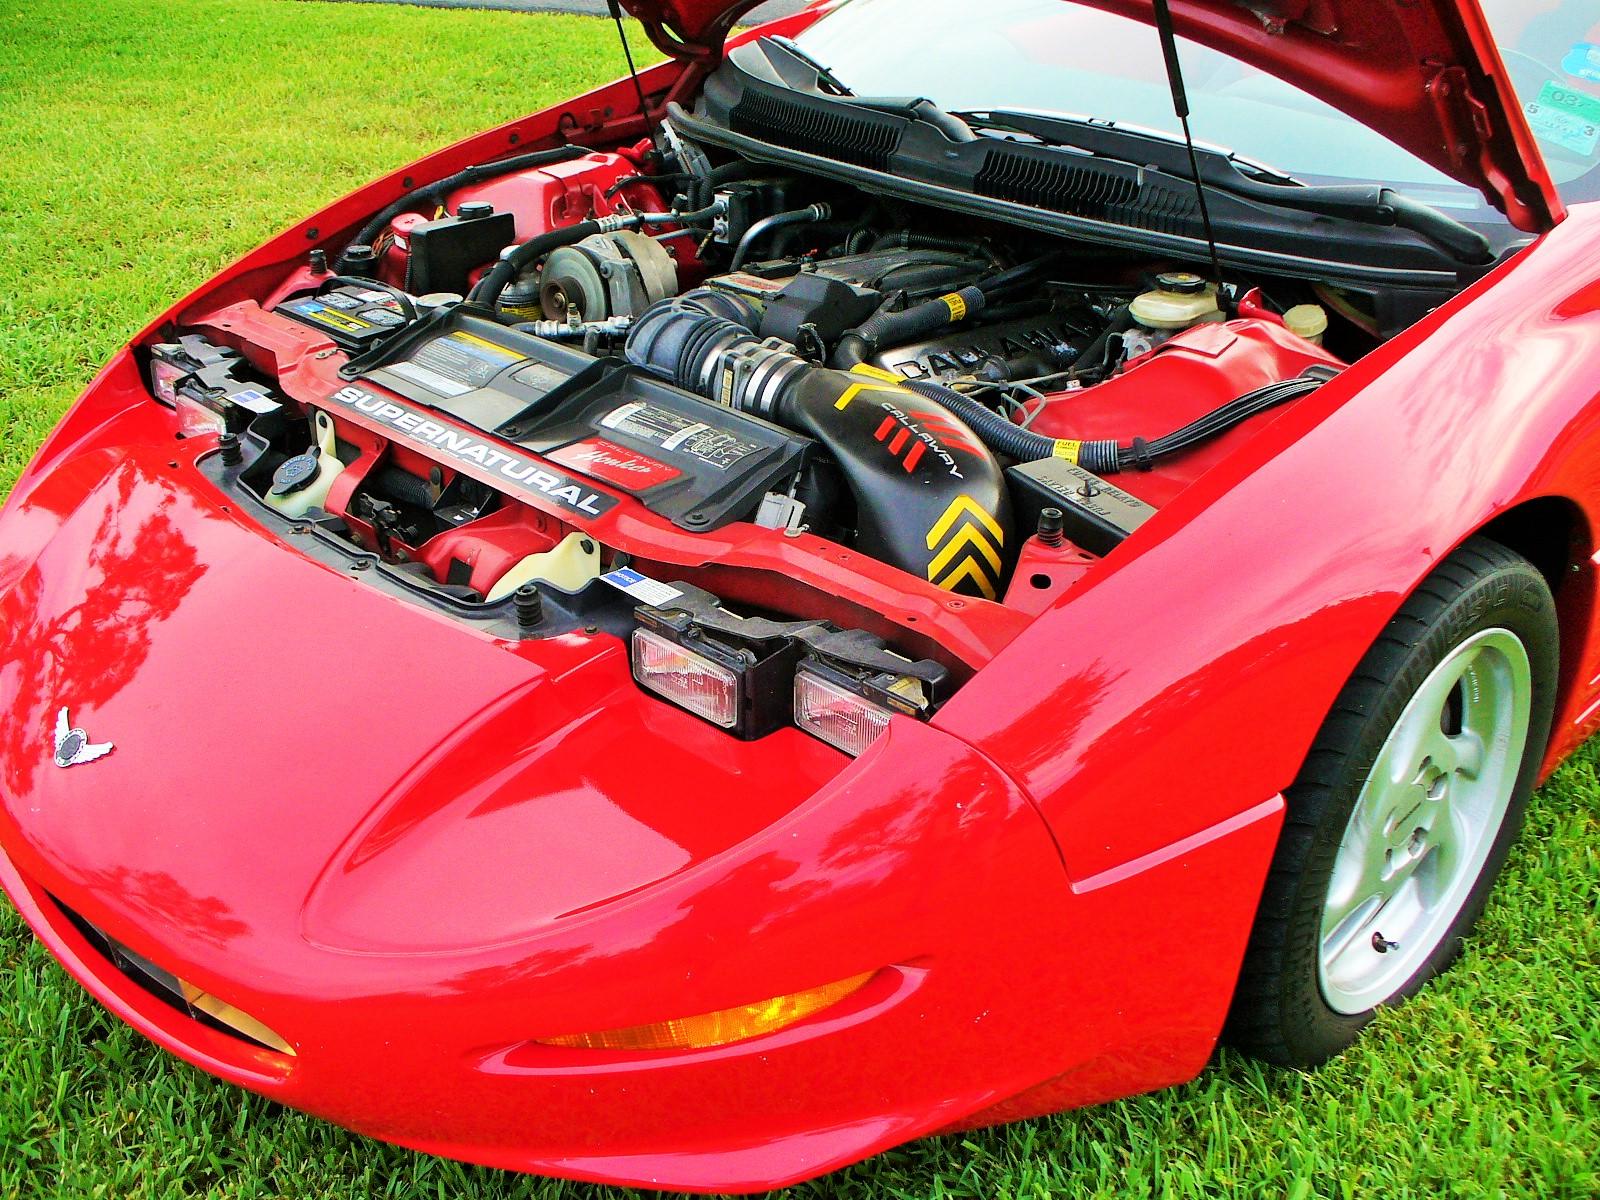 Calloway C8 hood up engine